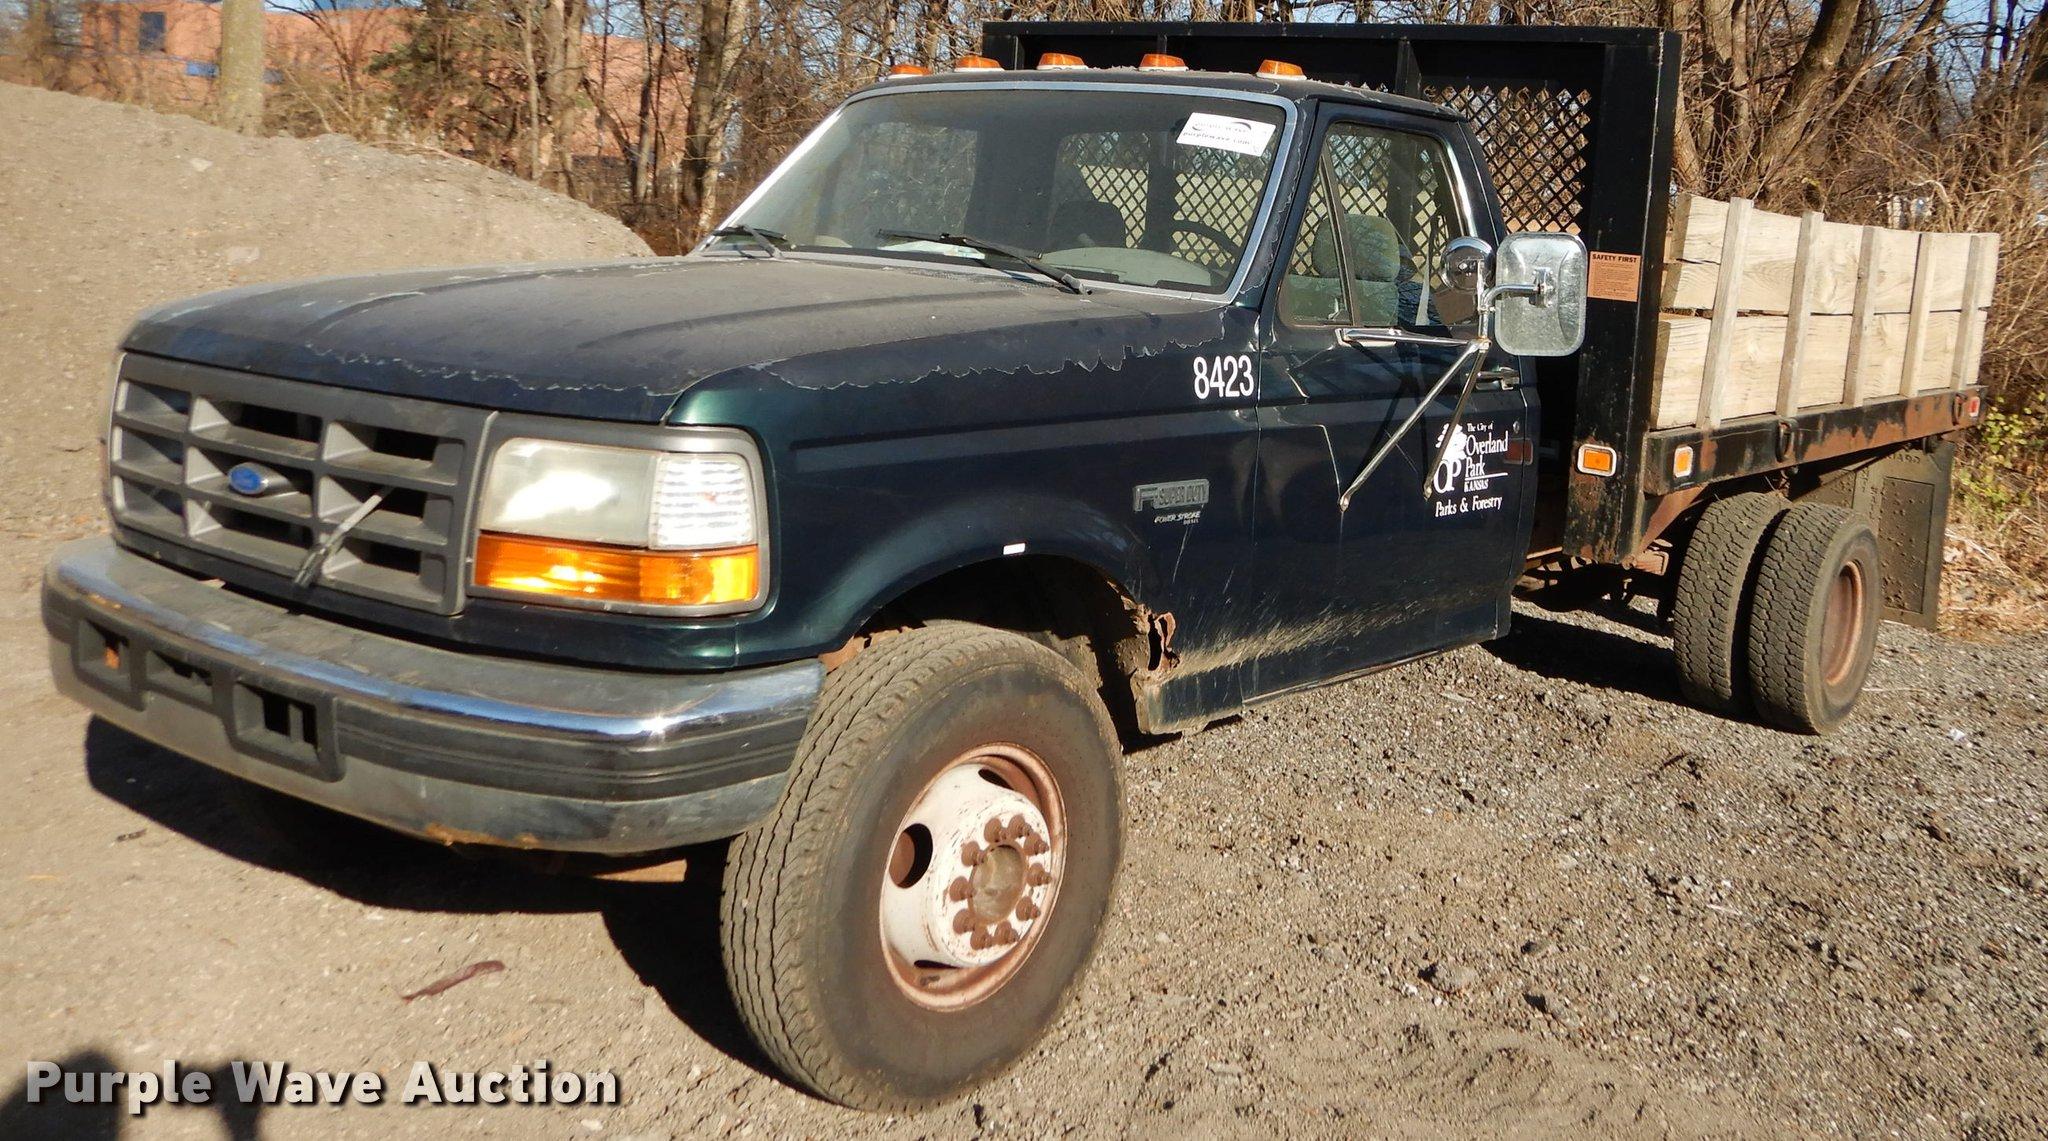 1995 Ford F450 Super Duty Flat Dump Bed Truck Item J5565 95 F250 Diesel Fuel Filter Parts Full Size In New Window